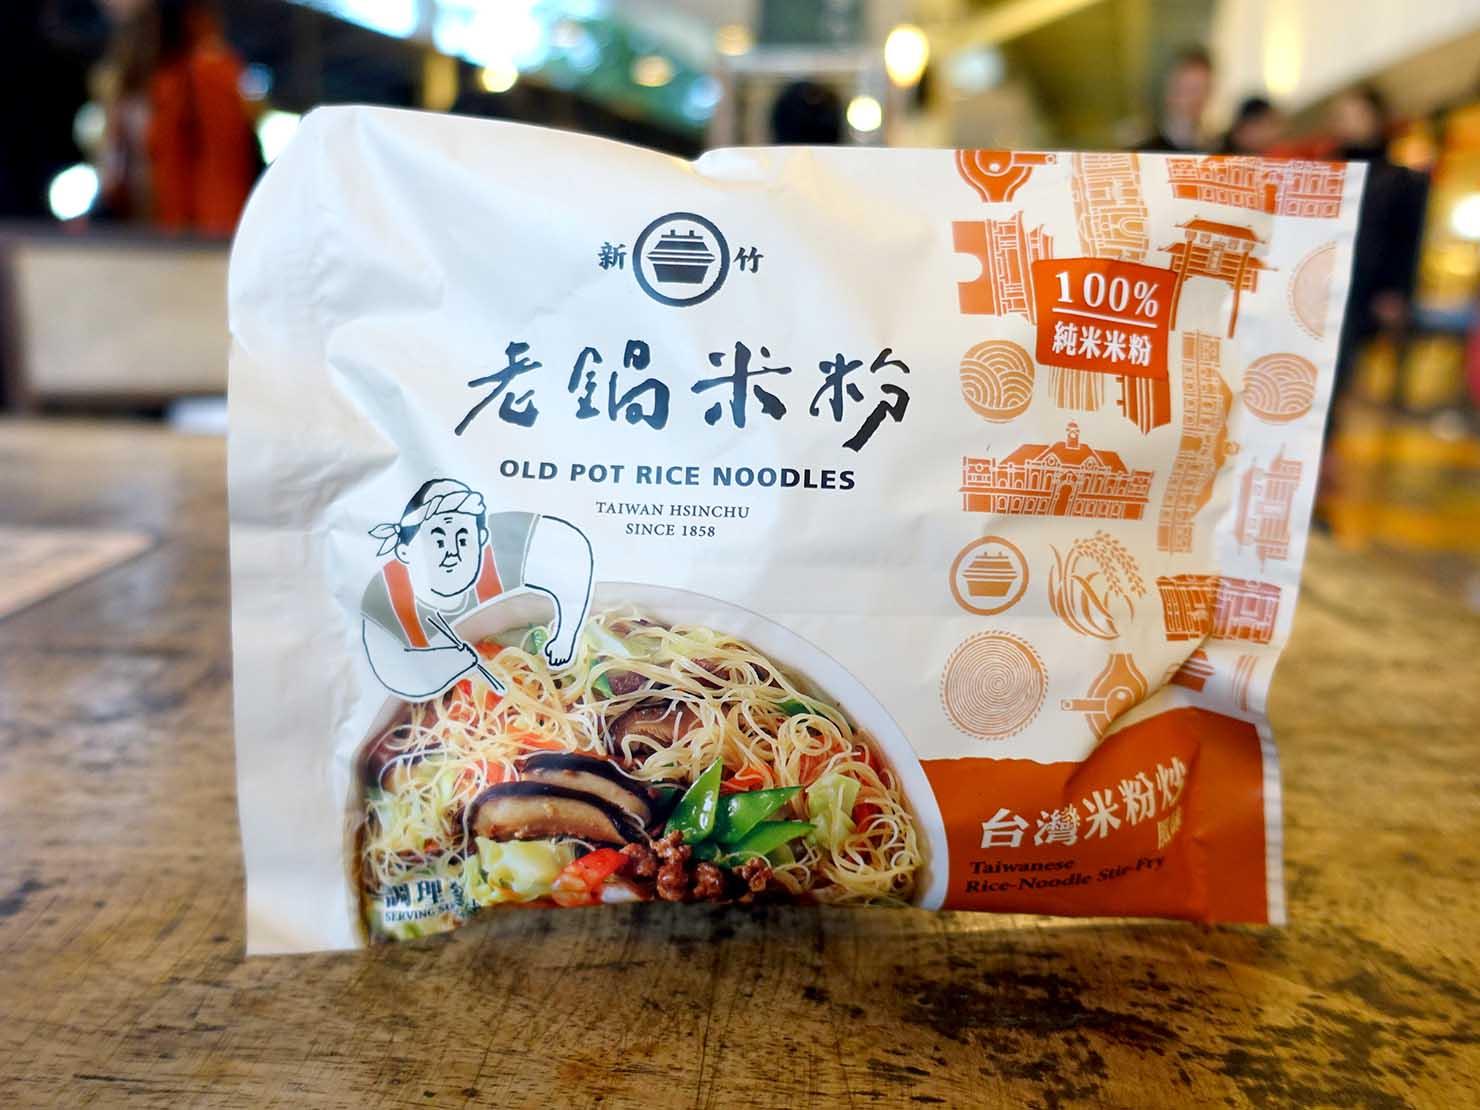 台北おみやげ探しにピッタリのスーパー「神農市集 MAJI FOOD&DELI」で見つけた「老鍋米粉 台灣米粉炒(炒めビーフン)」パッケージ